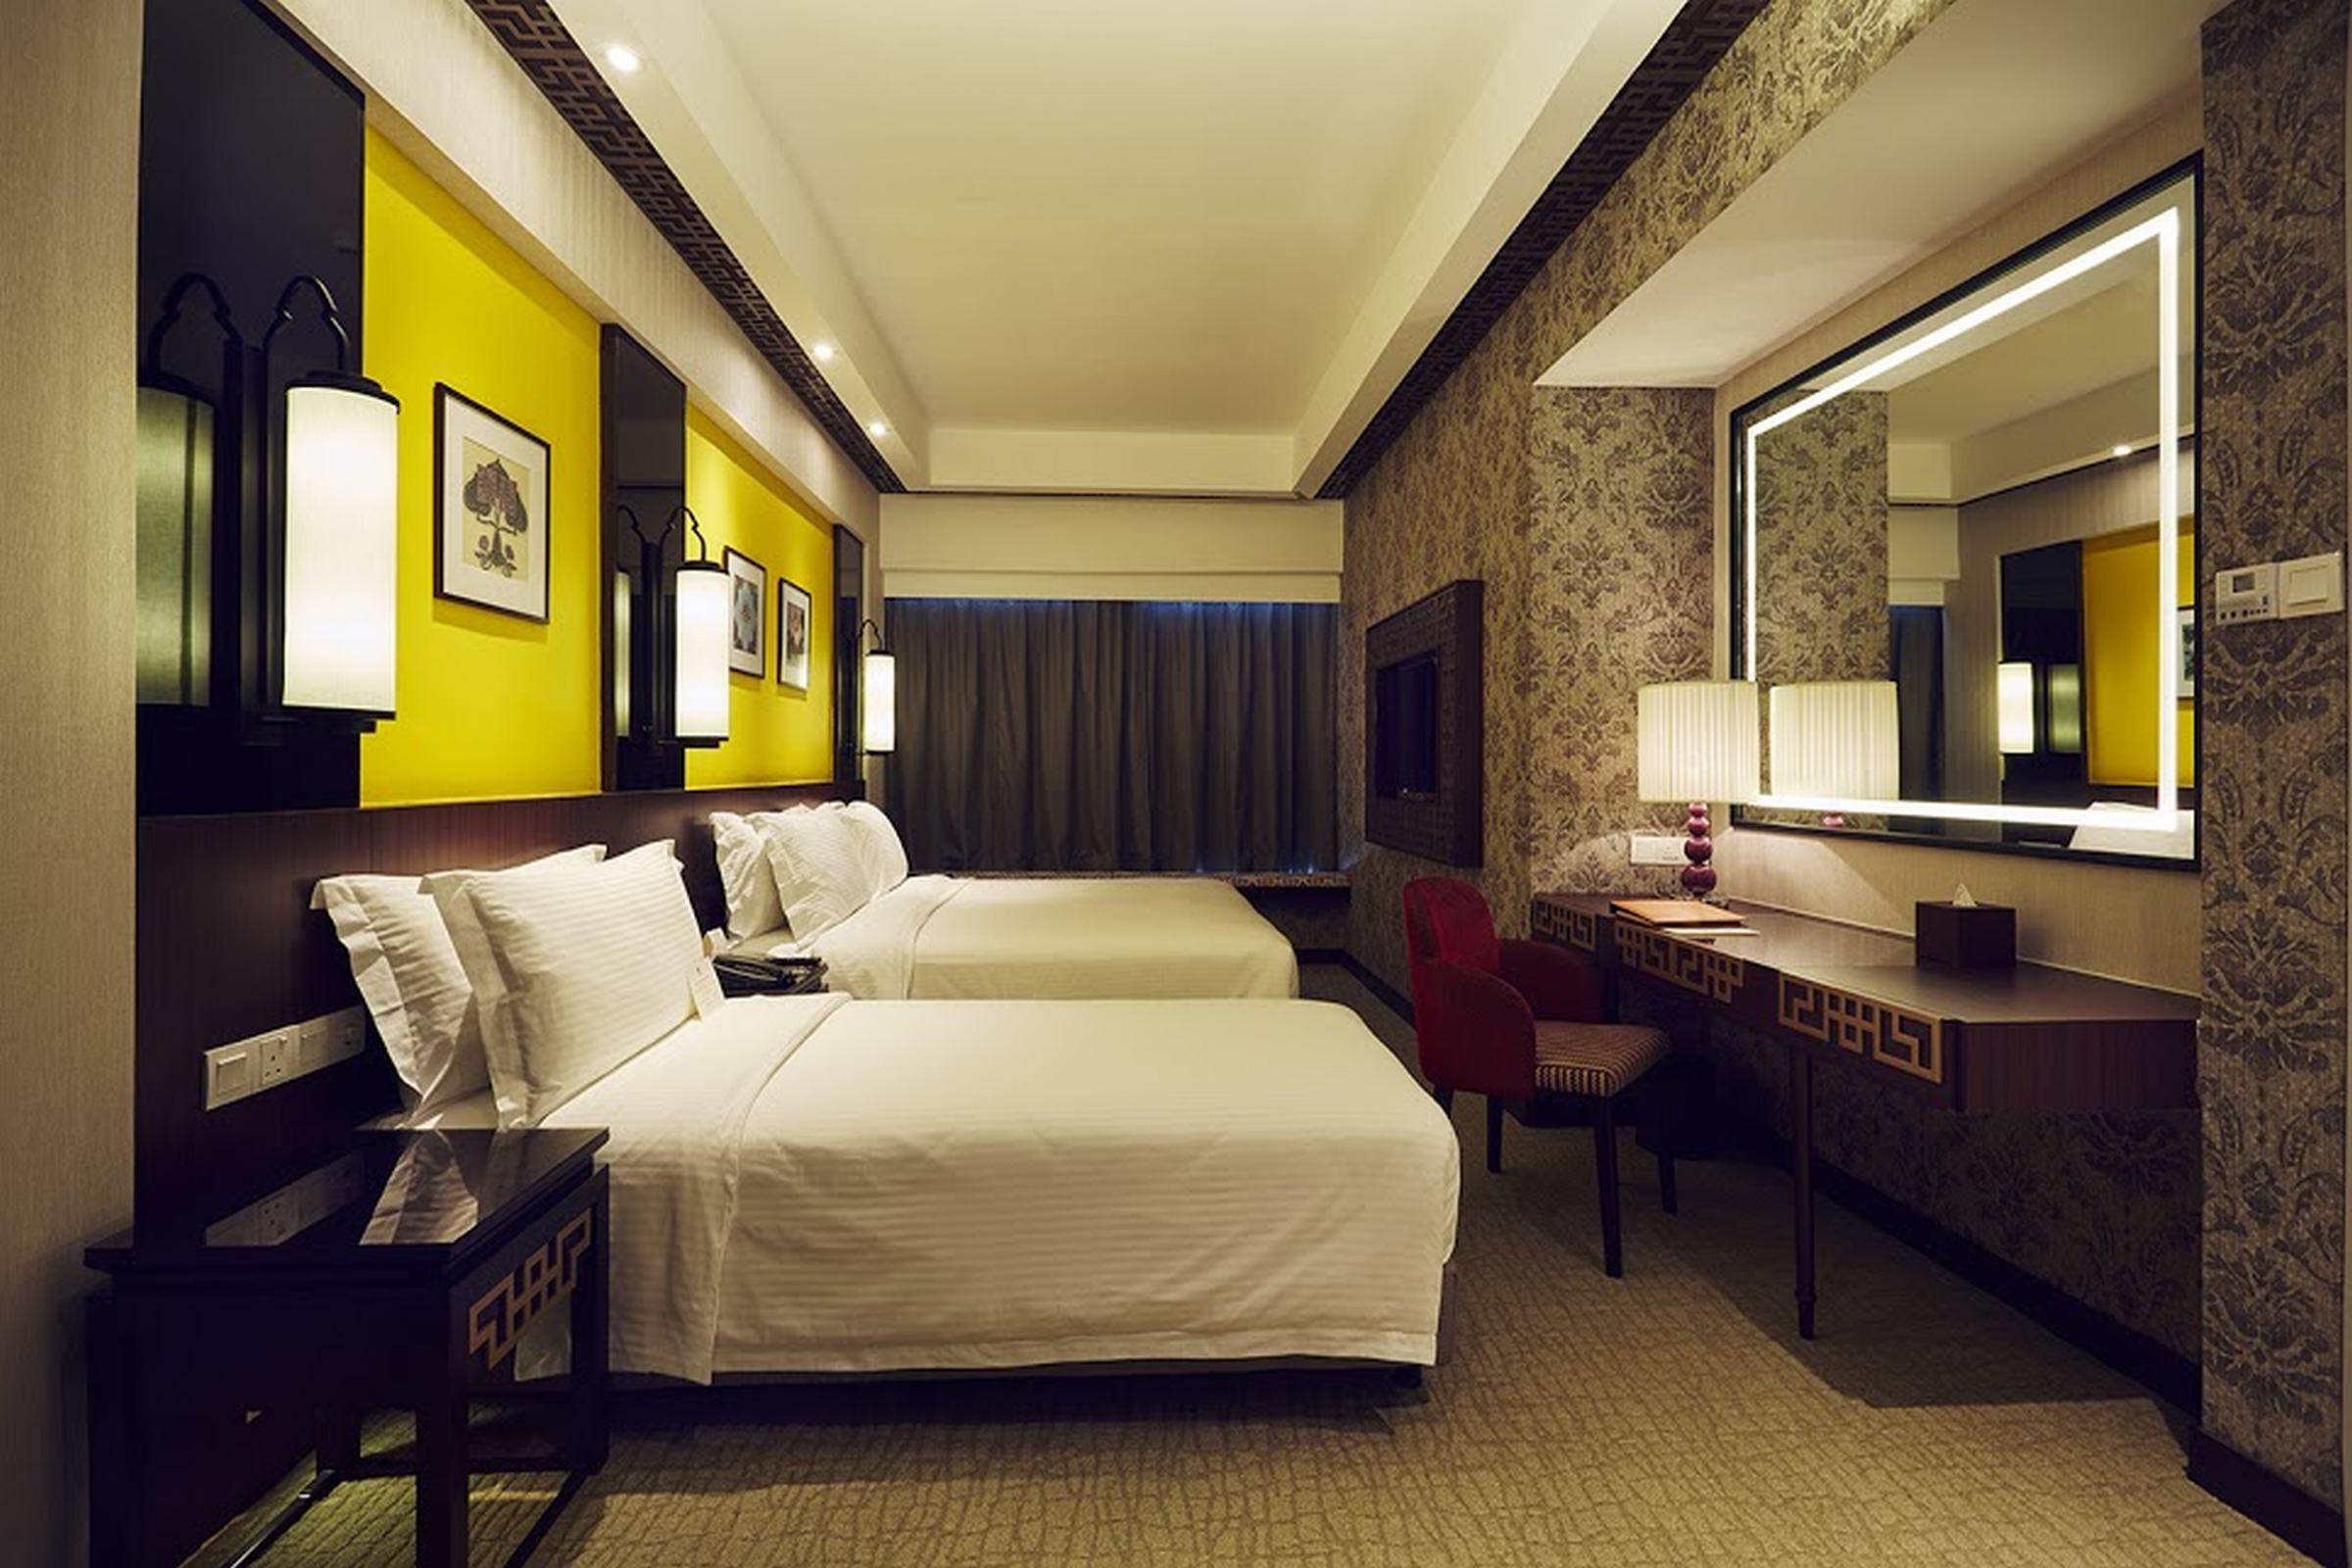 Estadia Hotel, Kota Melaka